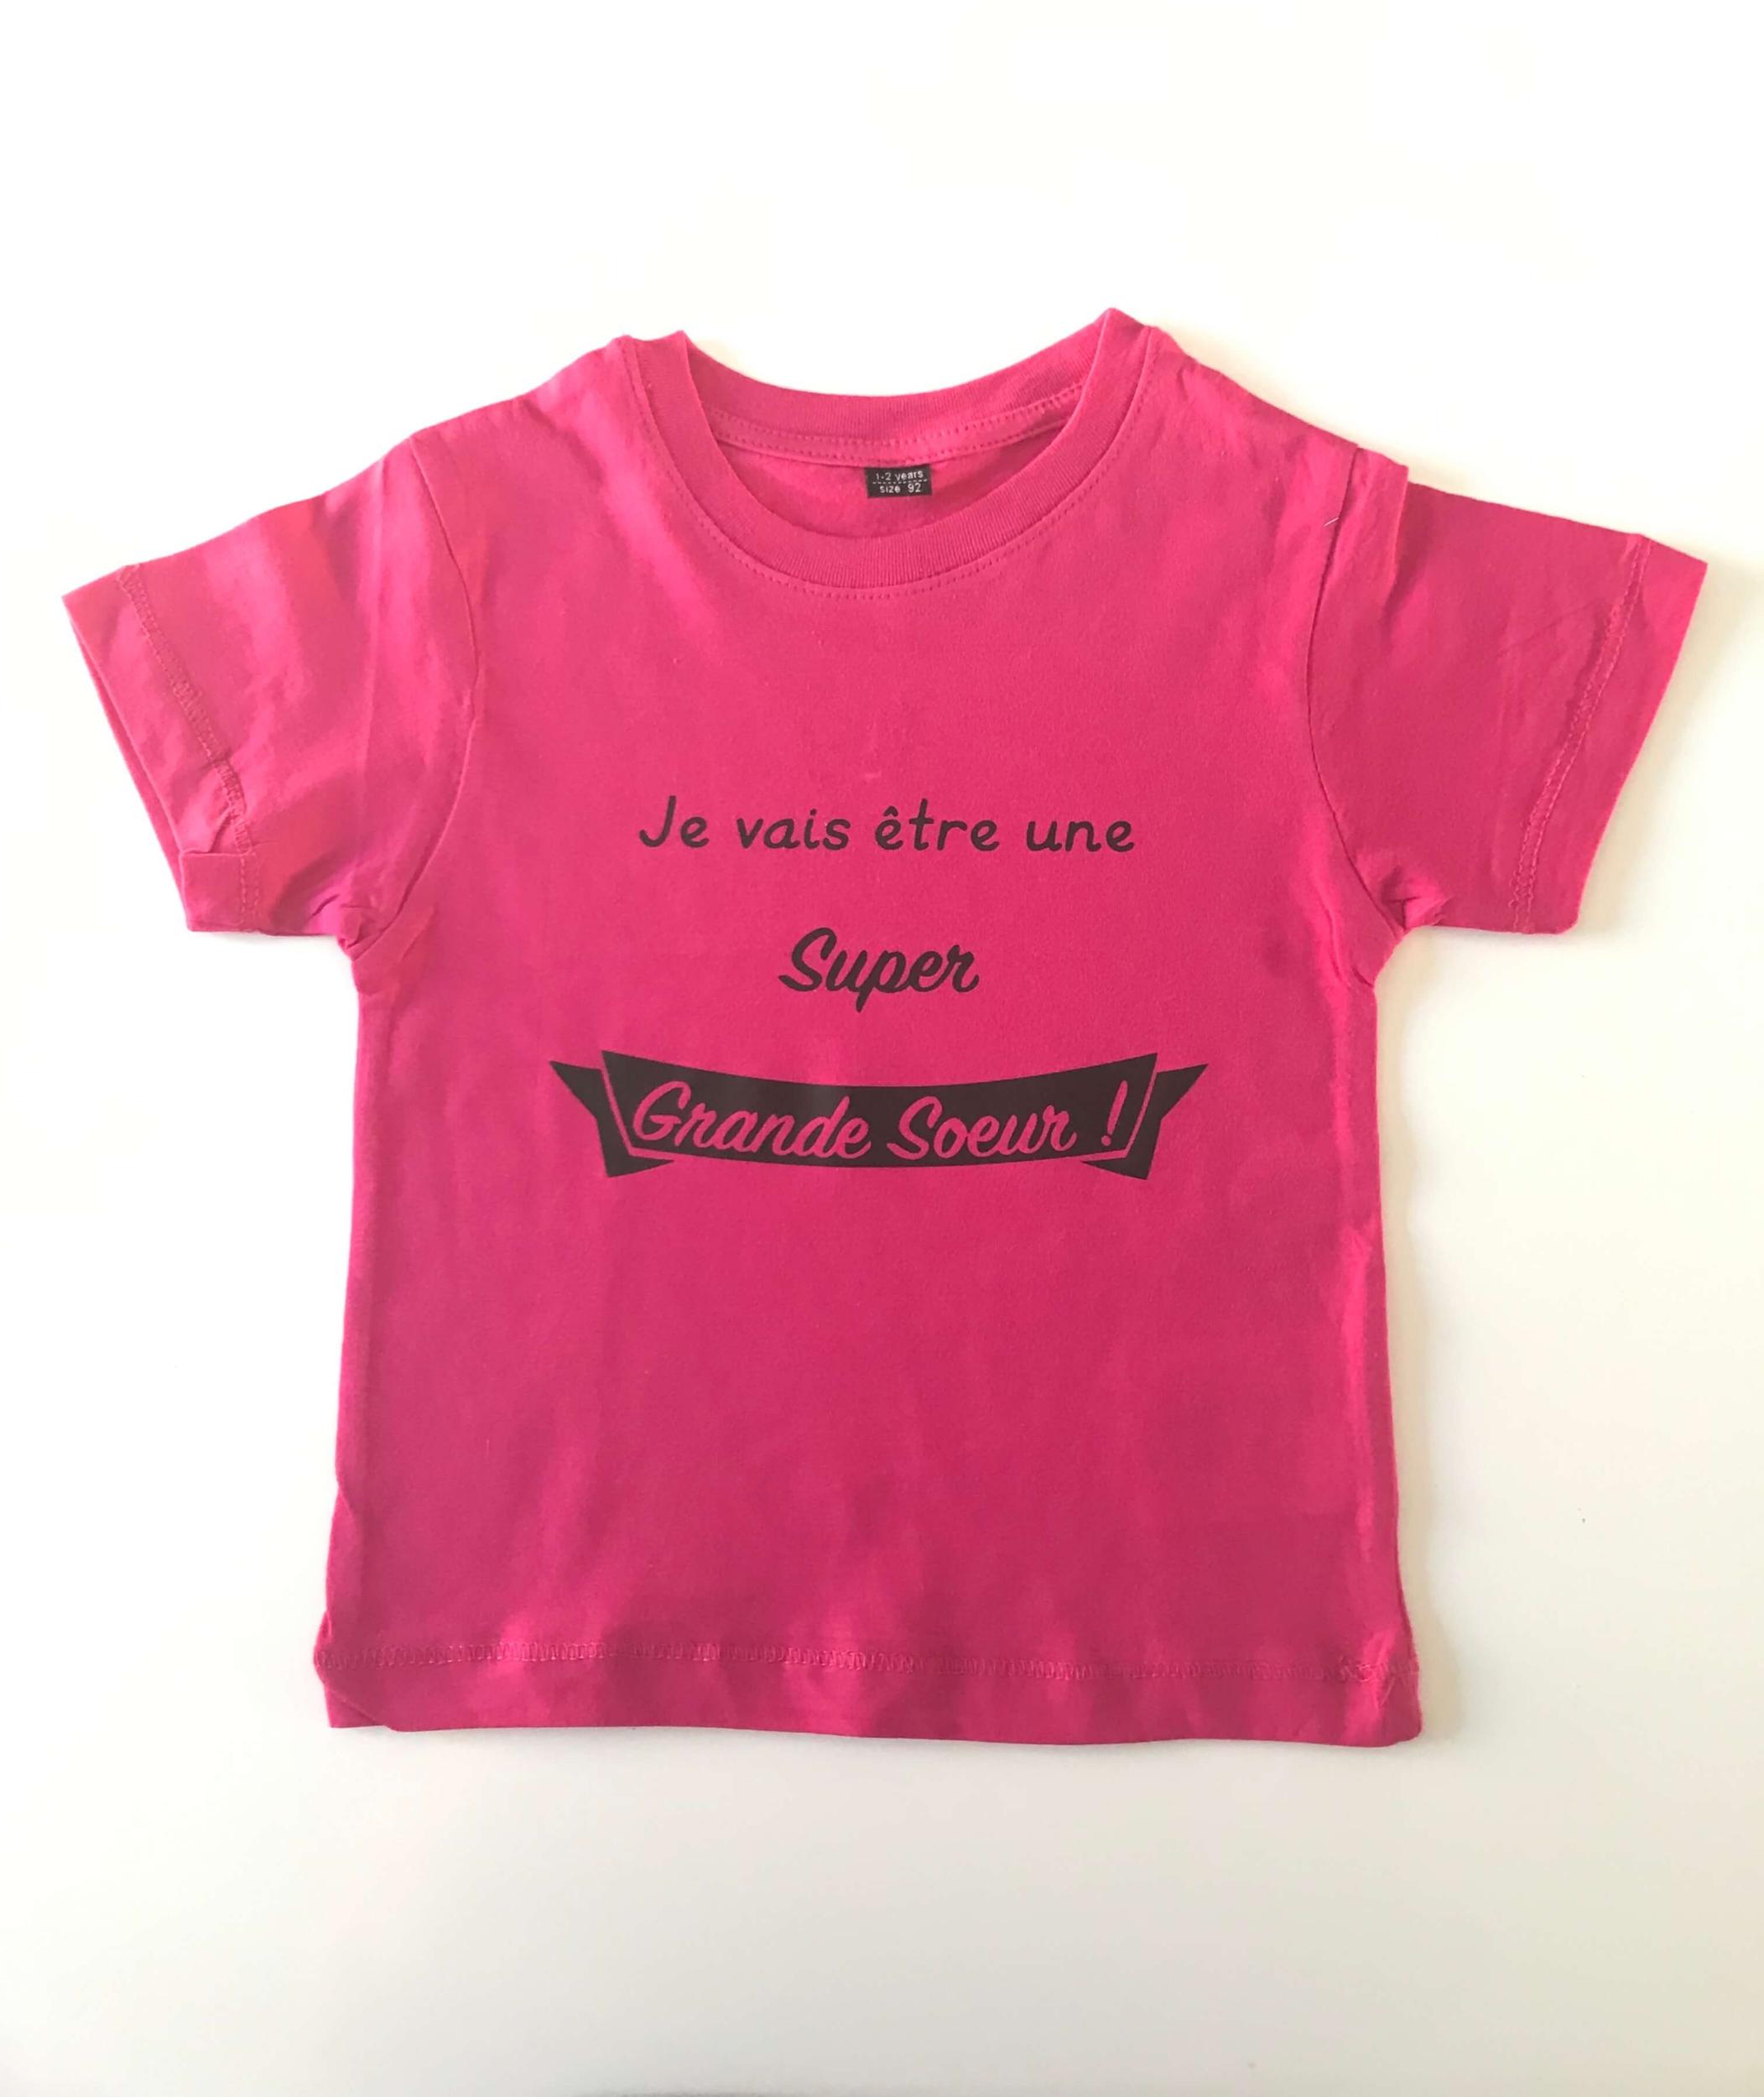 T-shirt enfant Je vais être une Super Grande Soeur